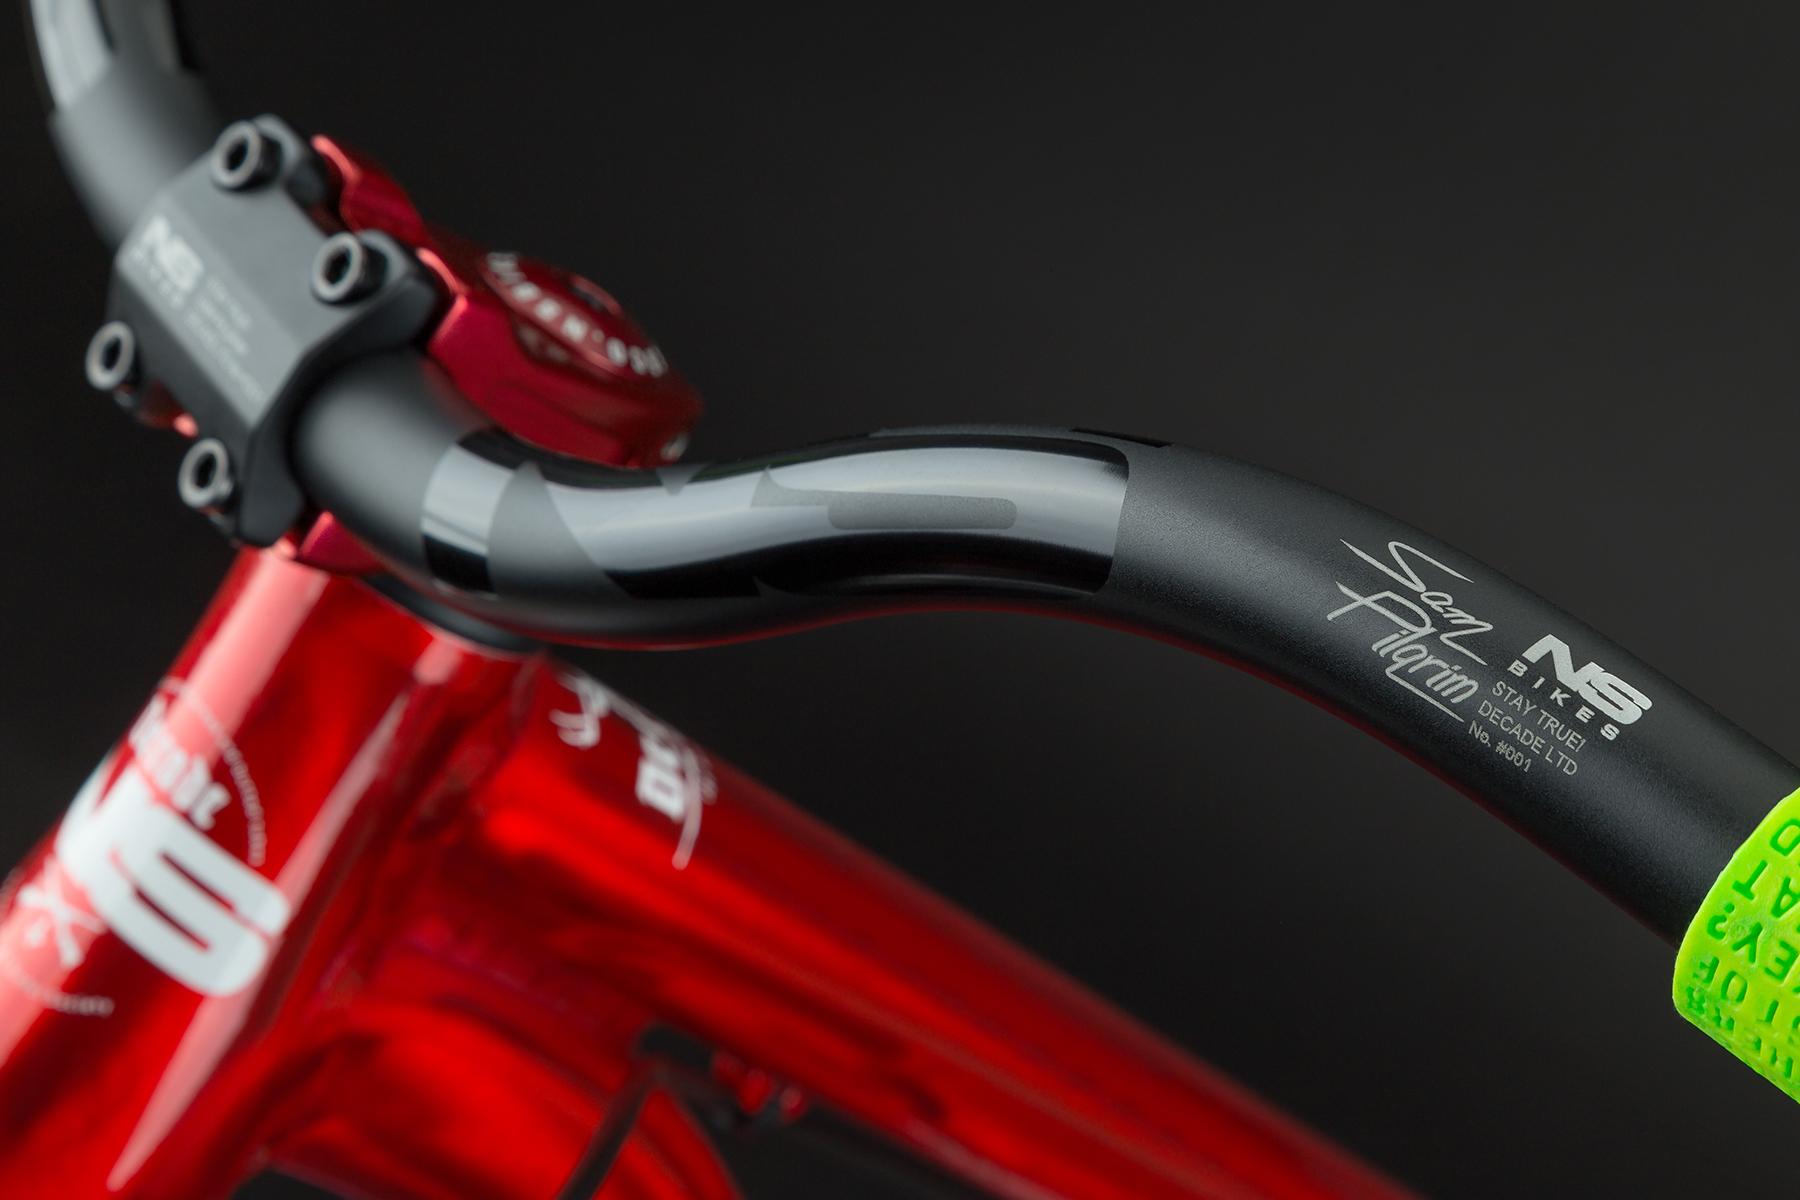 NS Bikes 2019 - Stay True!